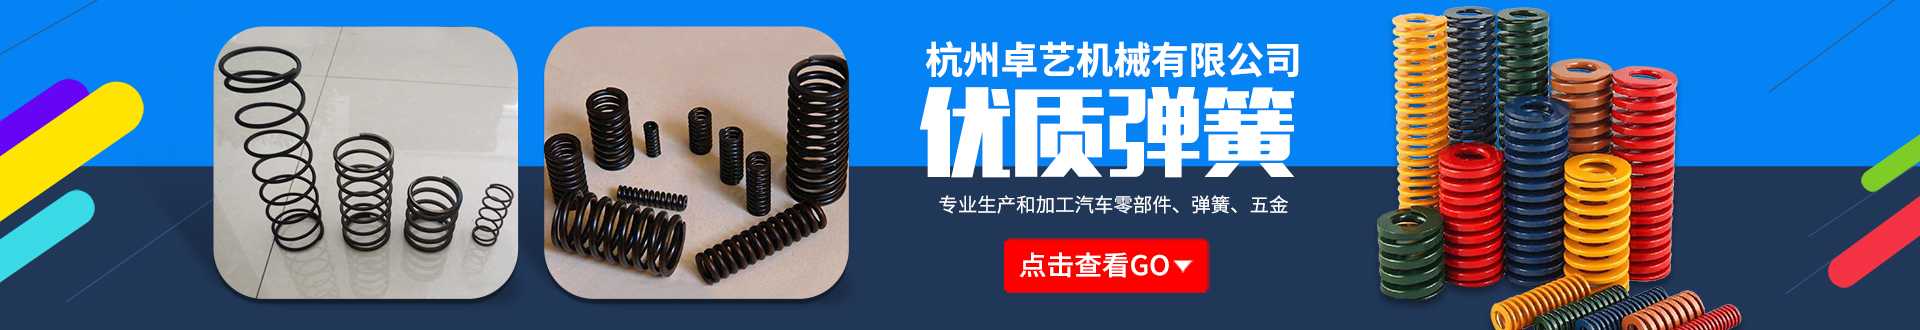 杭州卓艺机械有限公司